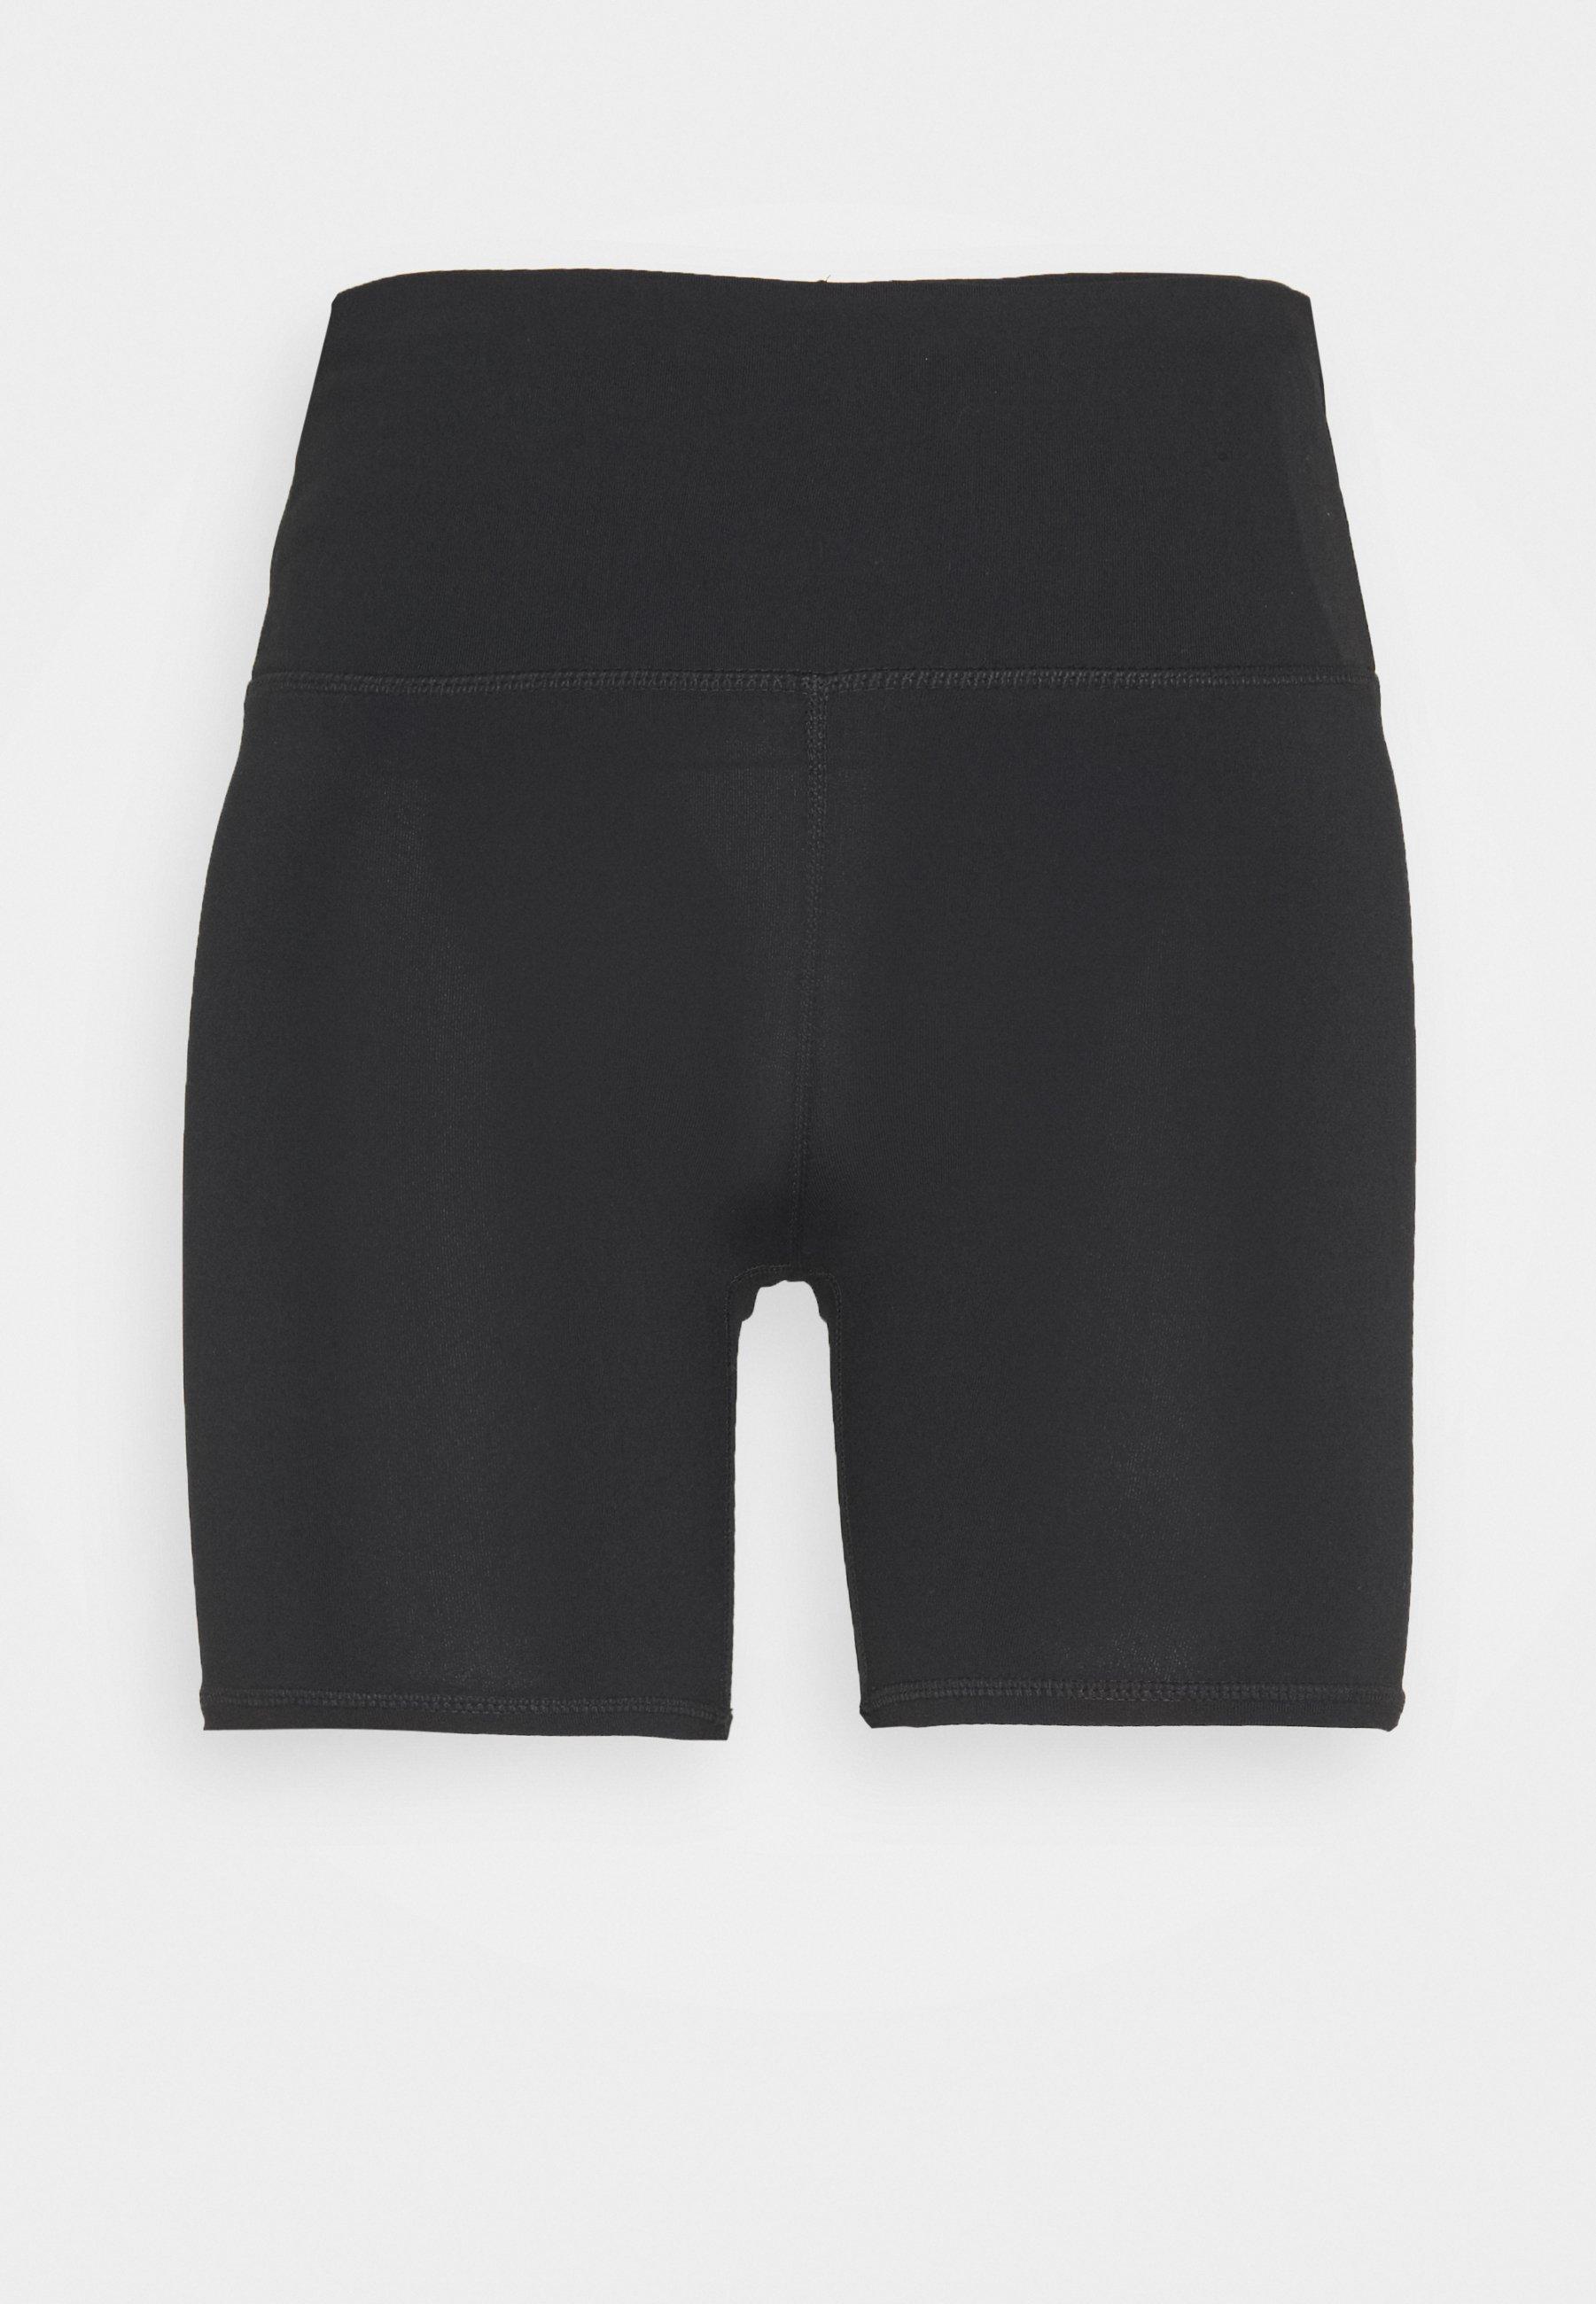 Femme ACTIVE CORE BIKE SHORT - Collants